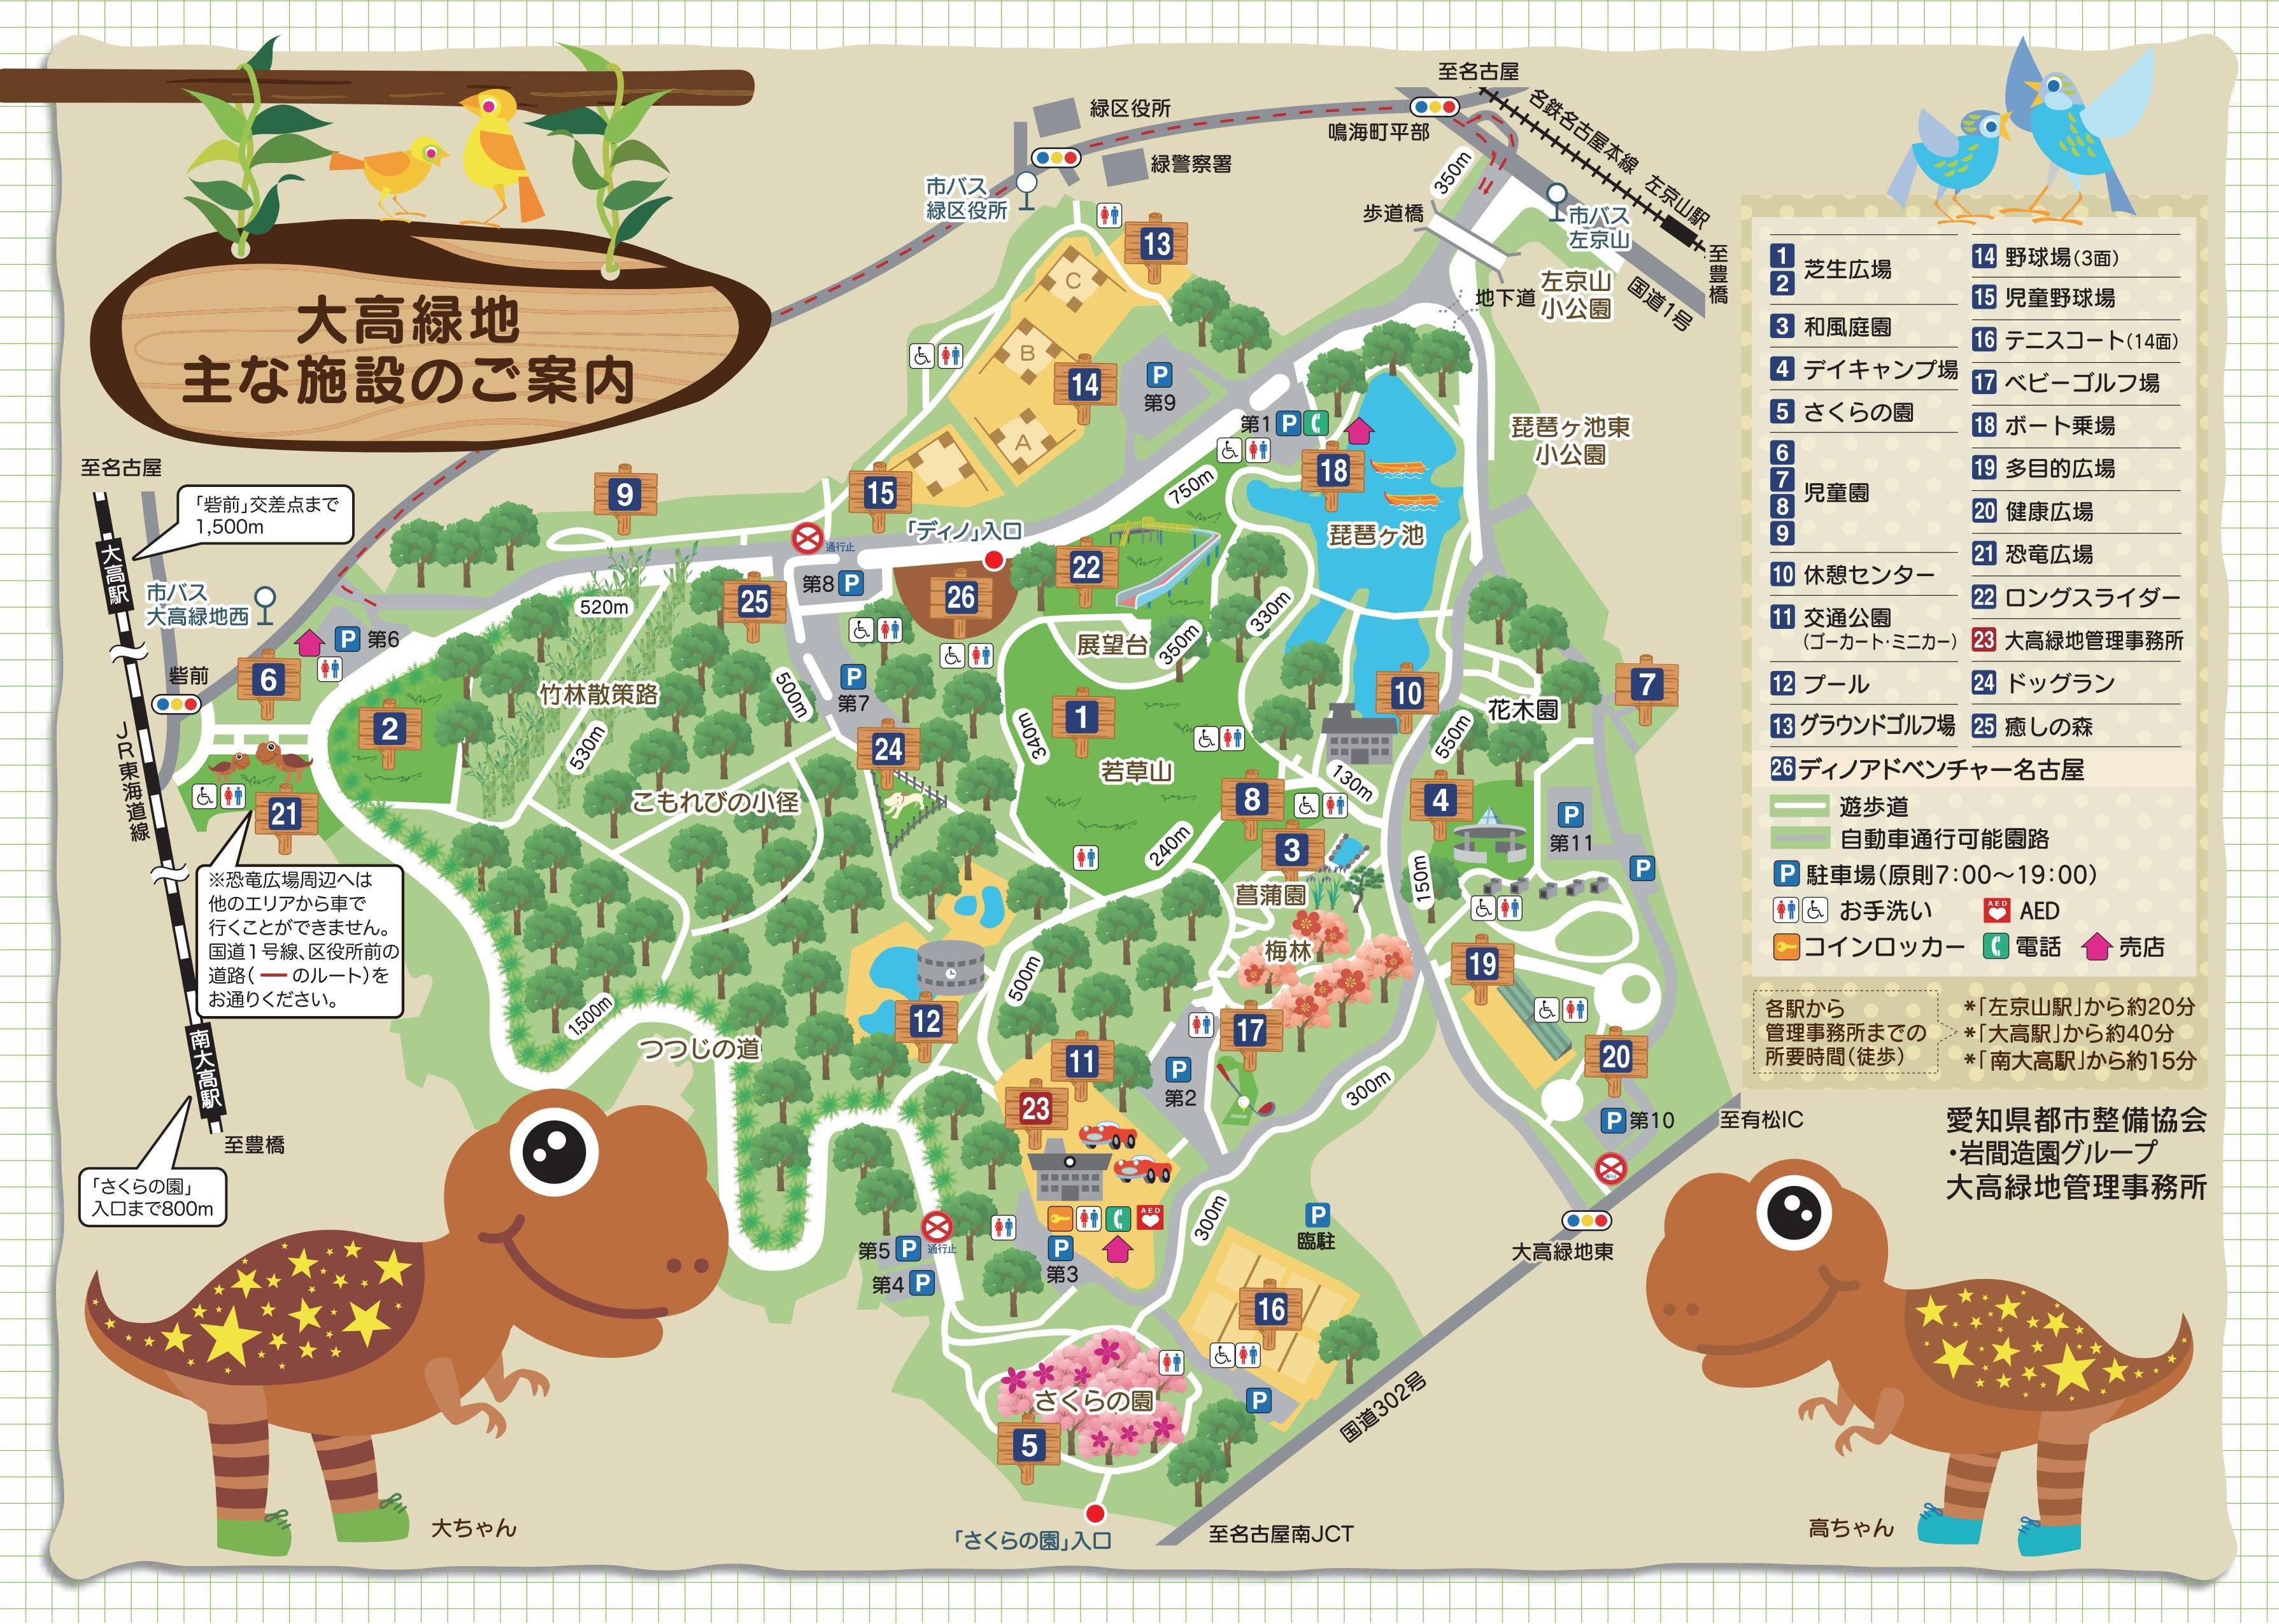 園内マップ 大高緑地